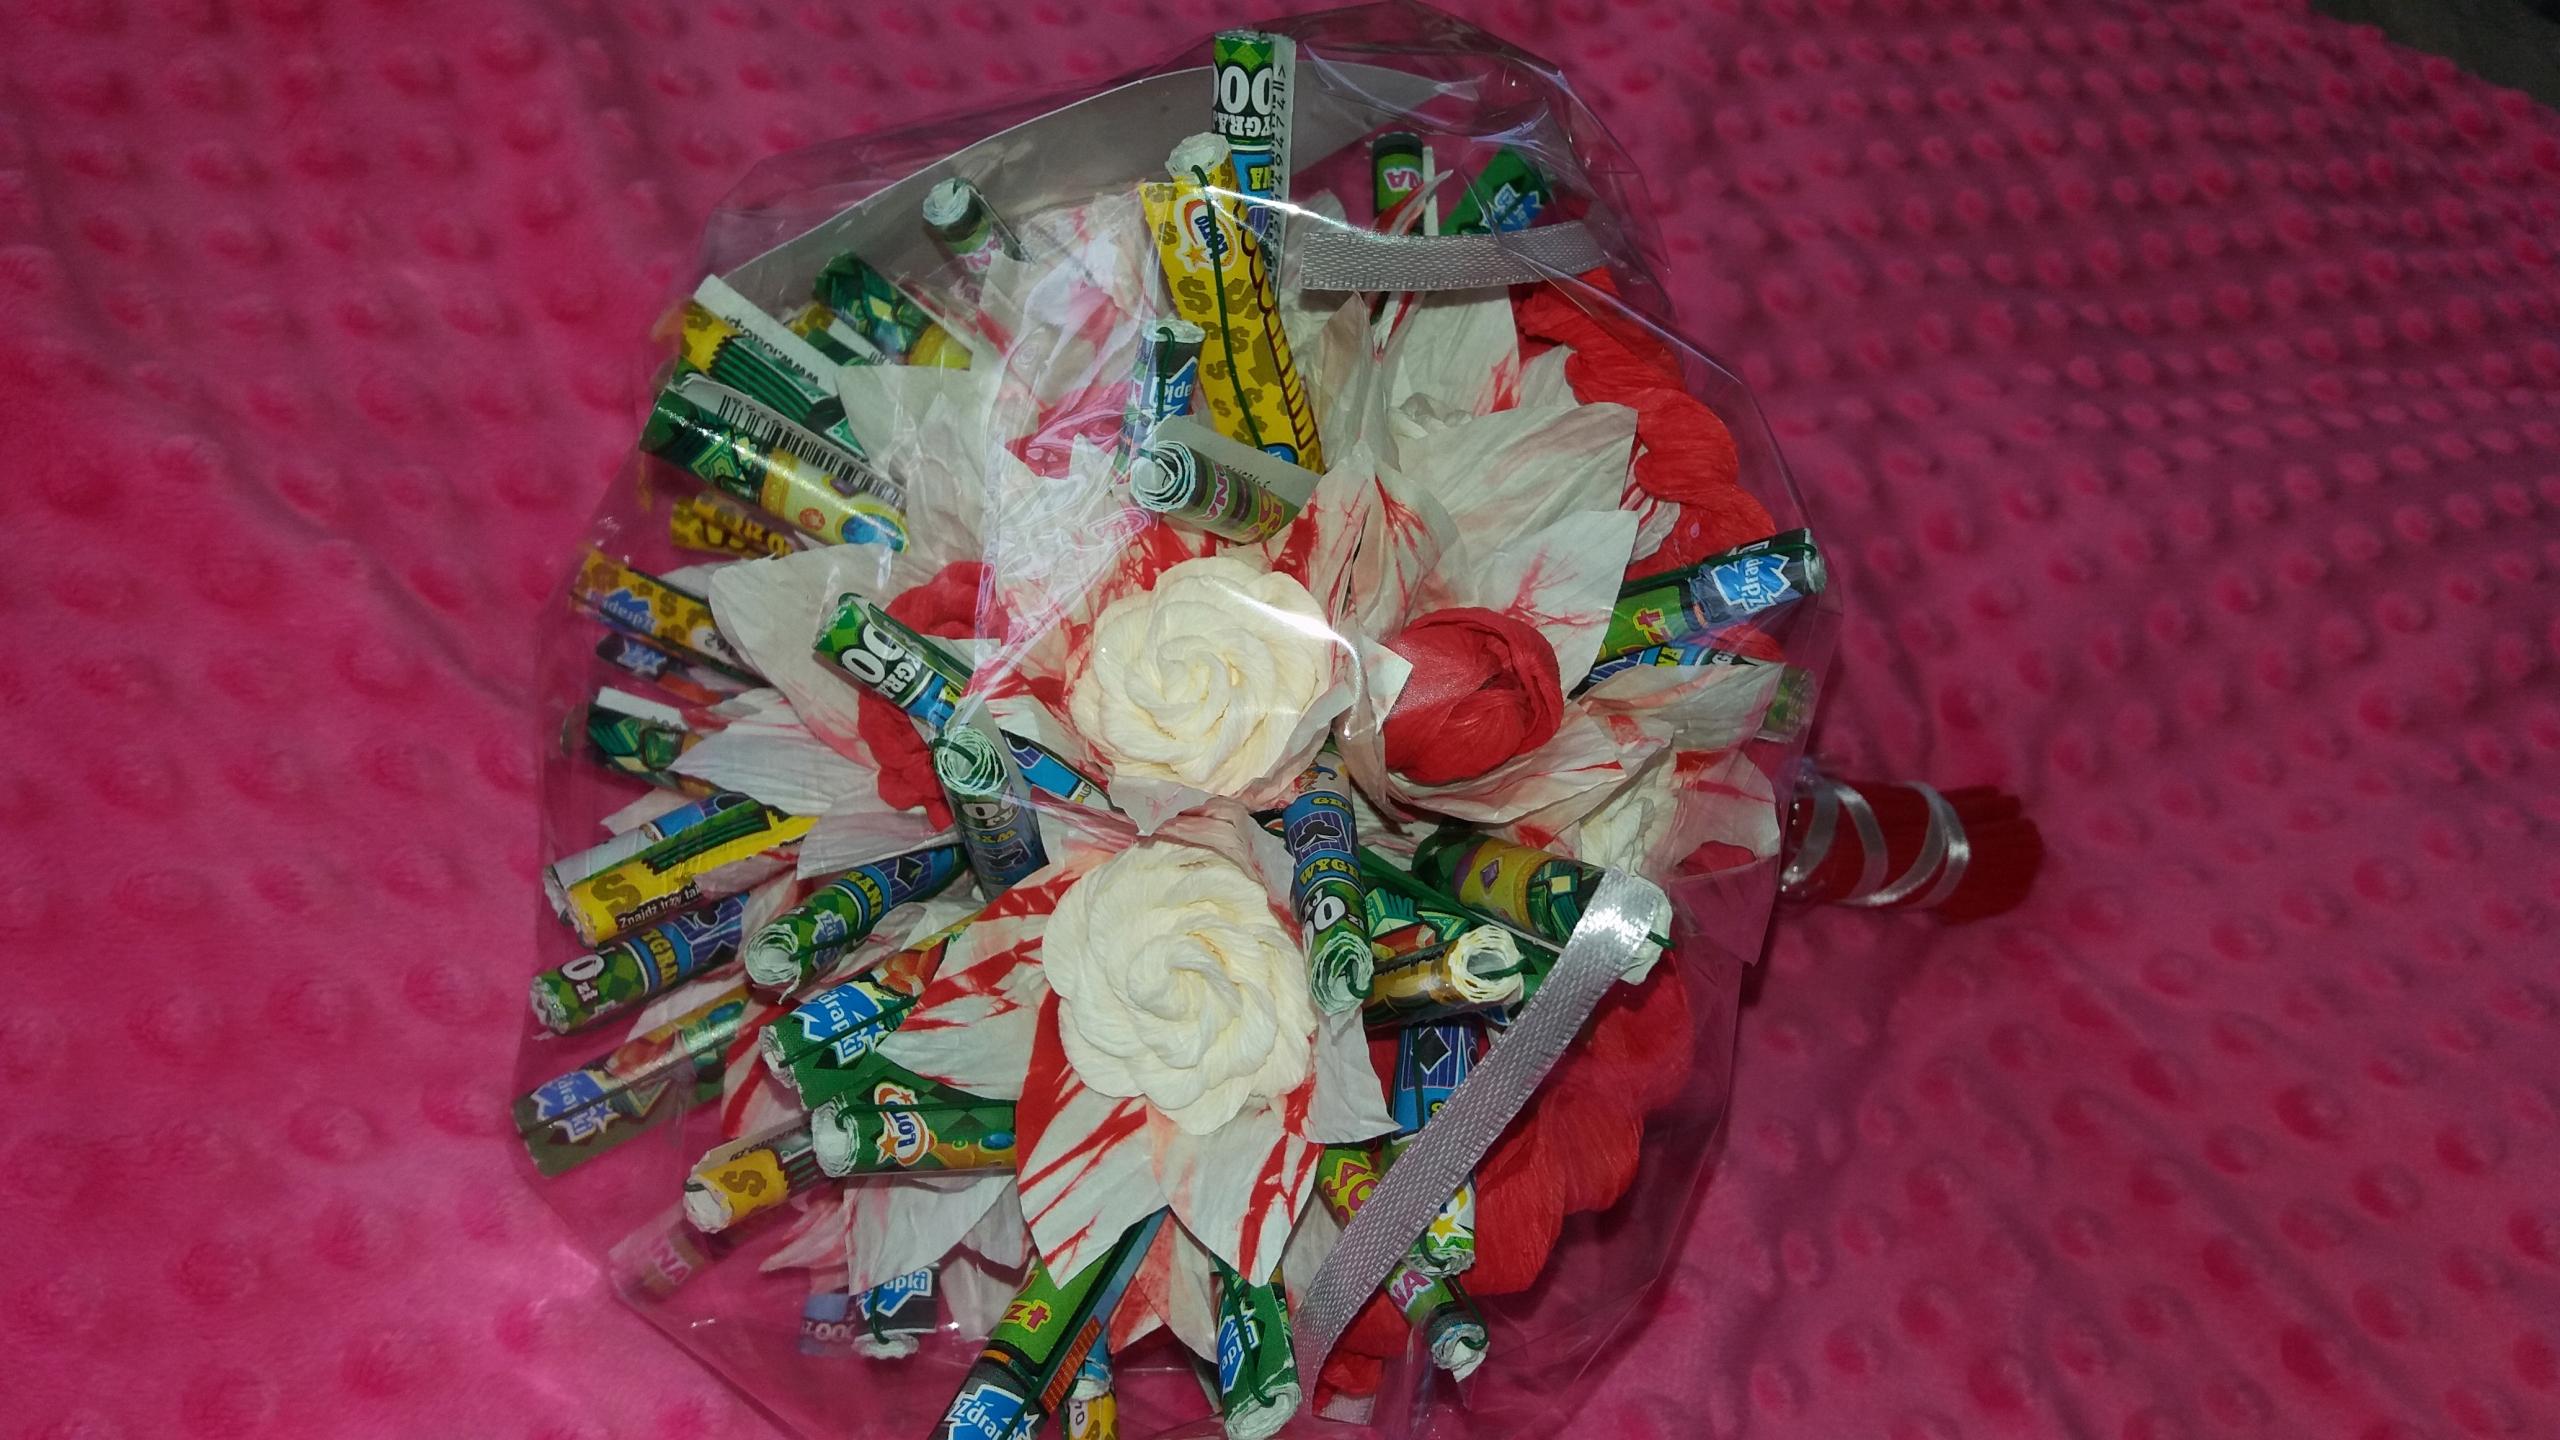 Zupełnie nowe bukiet ze zdrapkami, prezent, ślub, urodziny - 7520301424 DF12